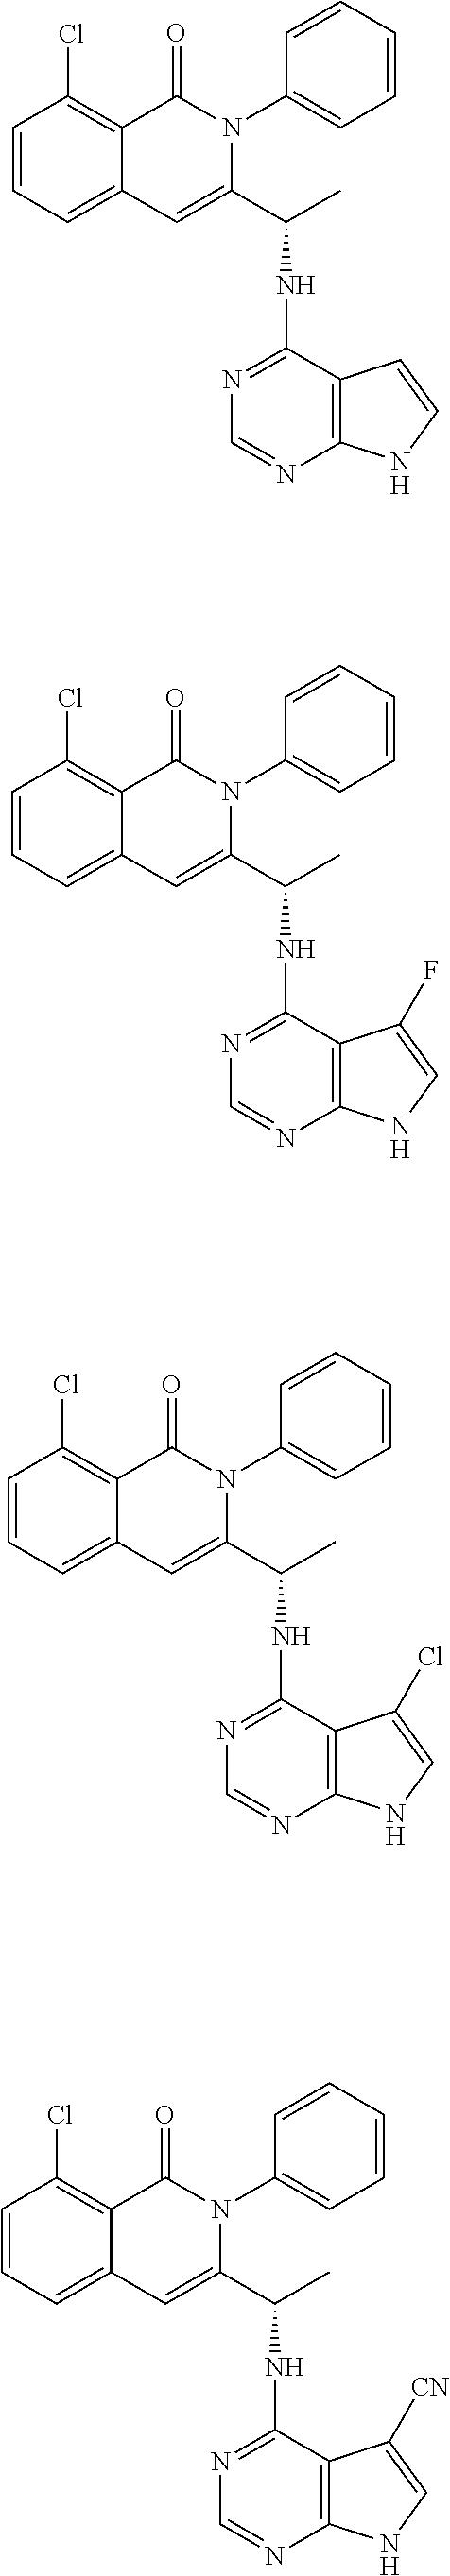 Figure US09216982-20151222-C00287